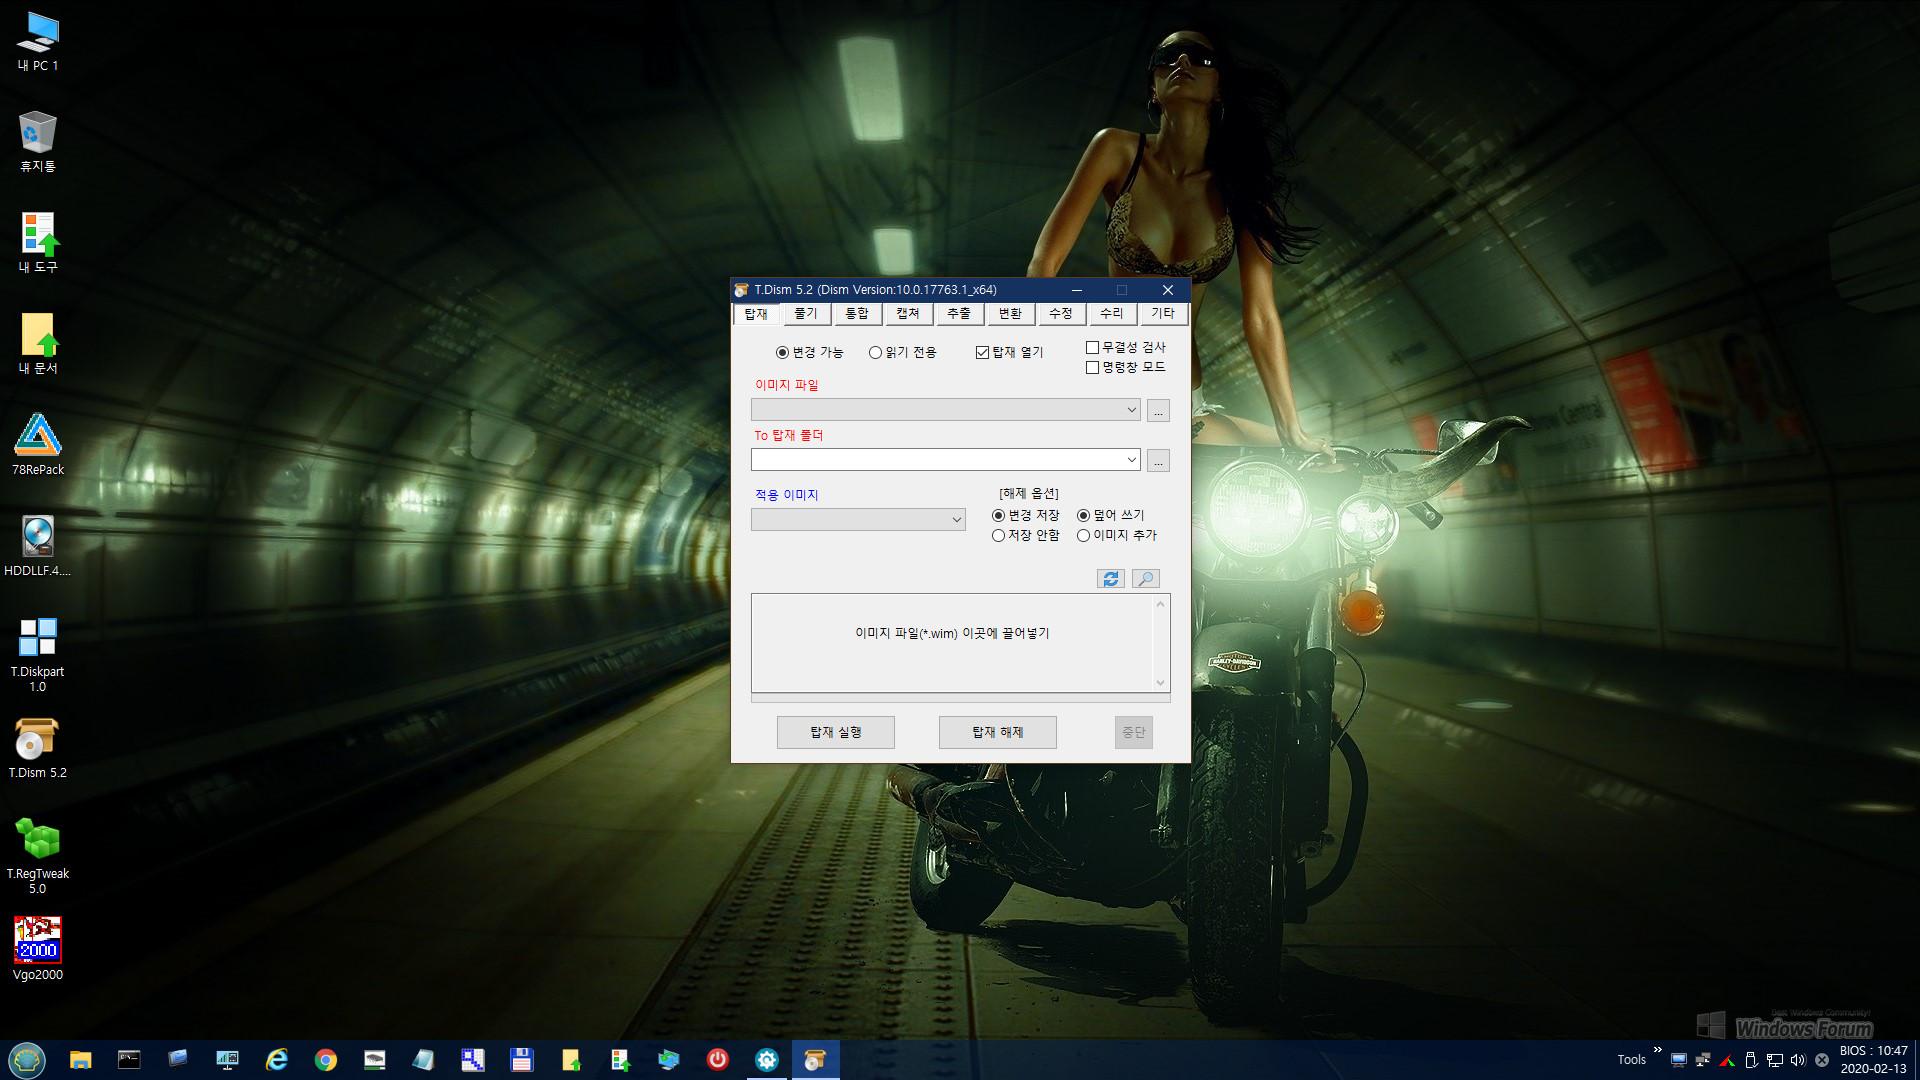 Win10XPE24_x64_18363.387_0009-01.jpg